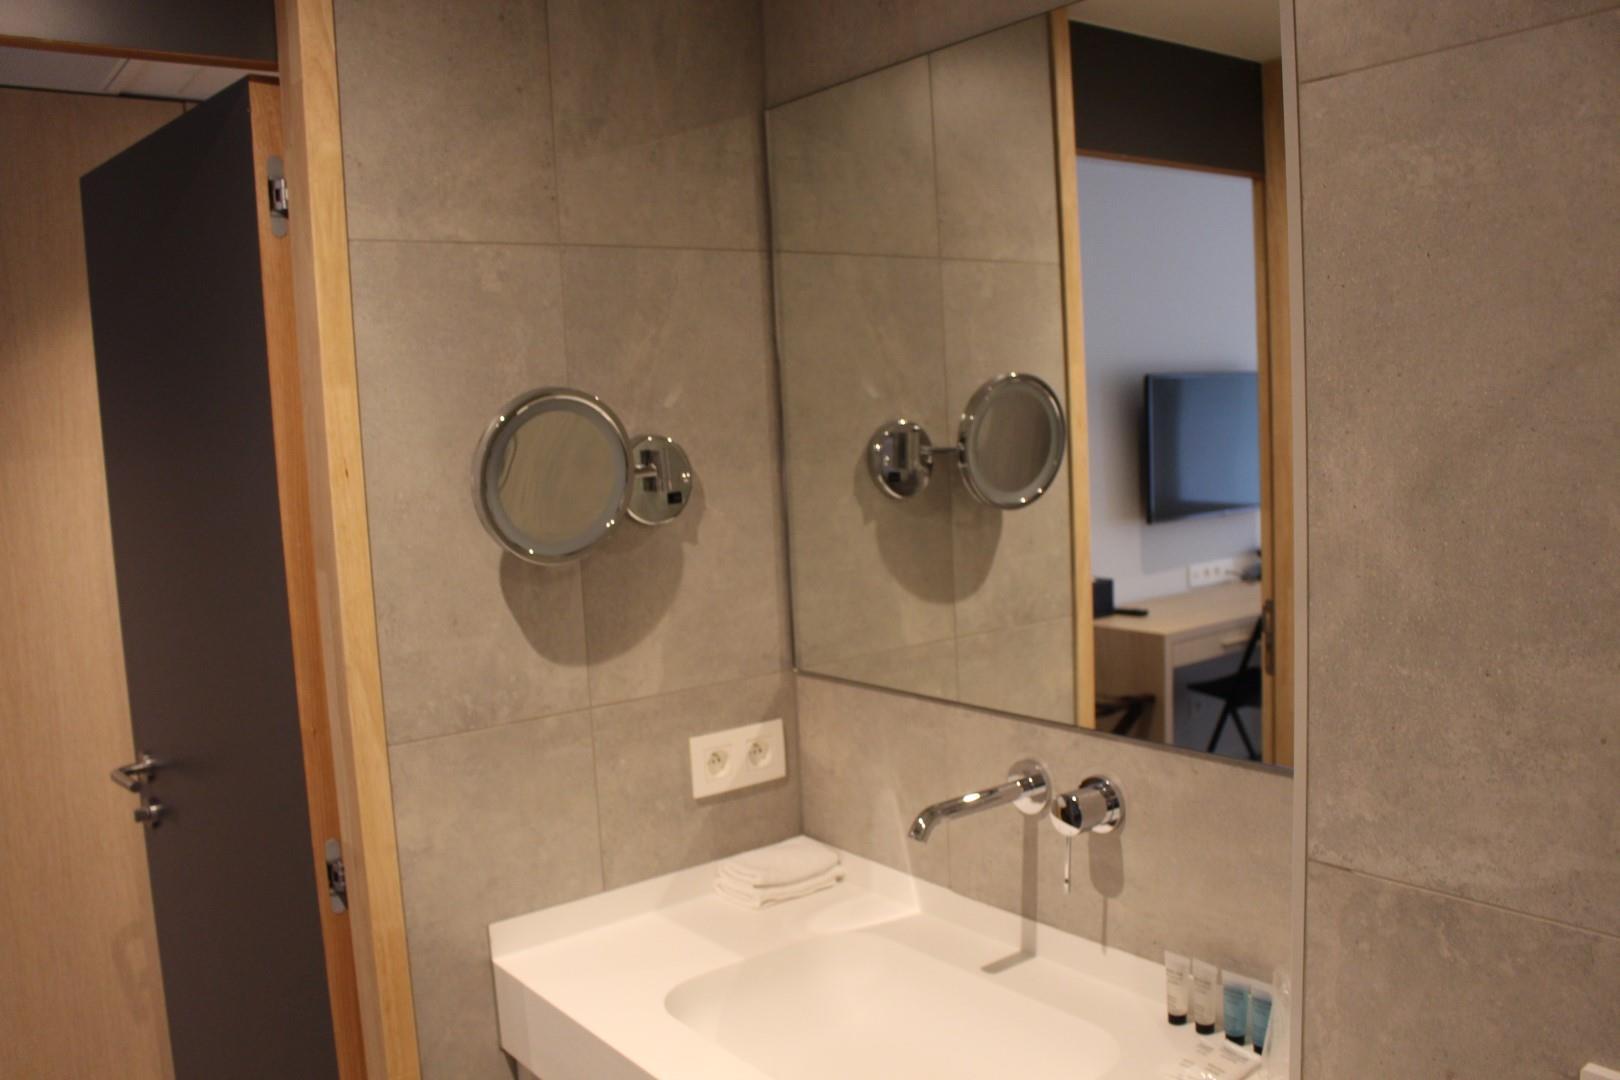 badkamer-groot-2.JPG